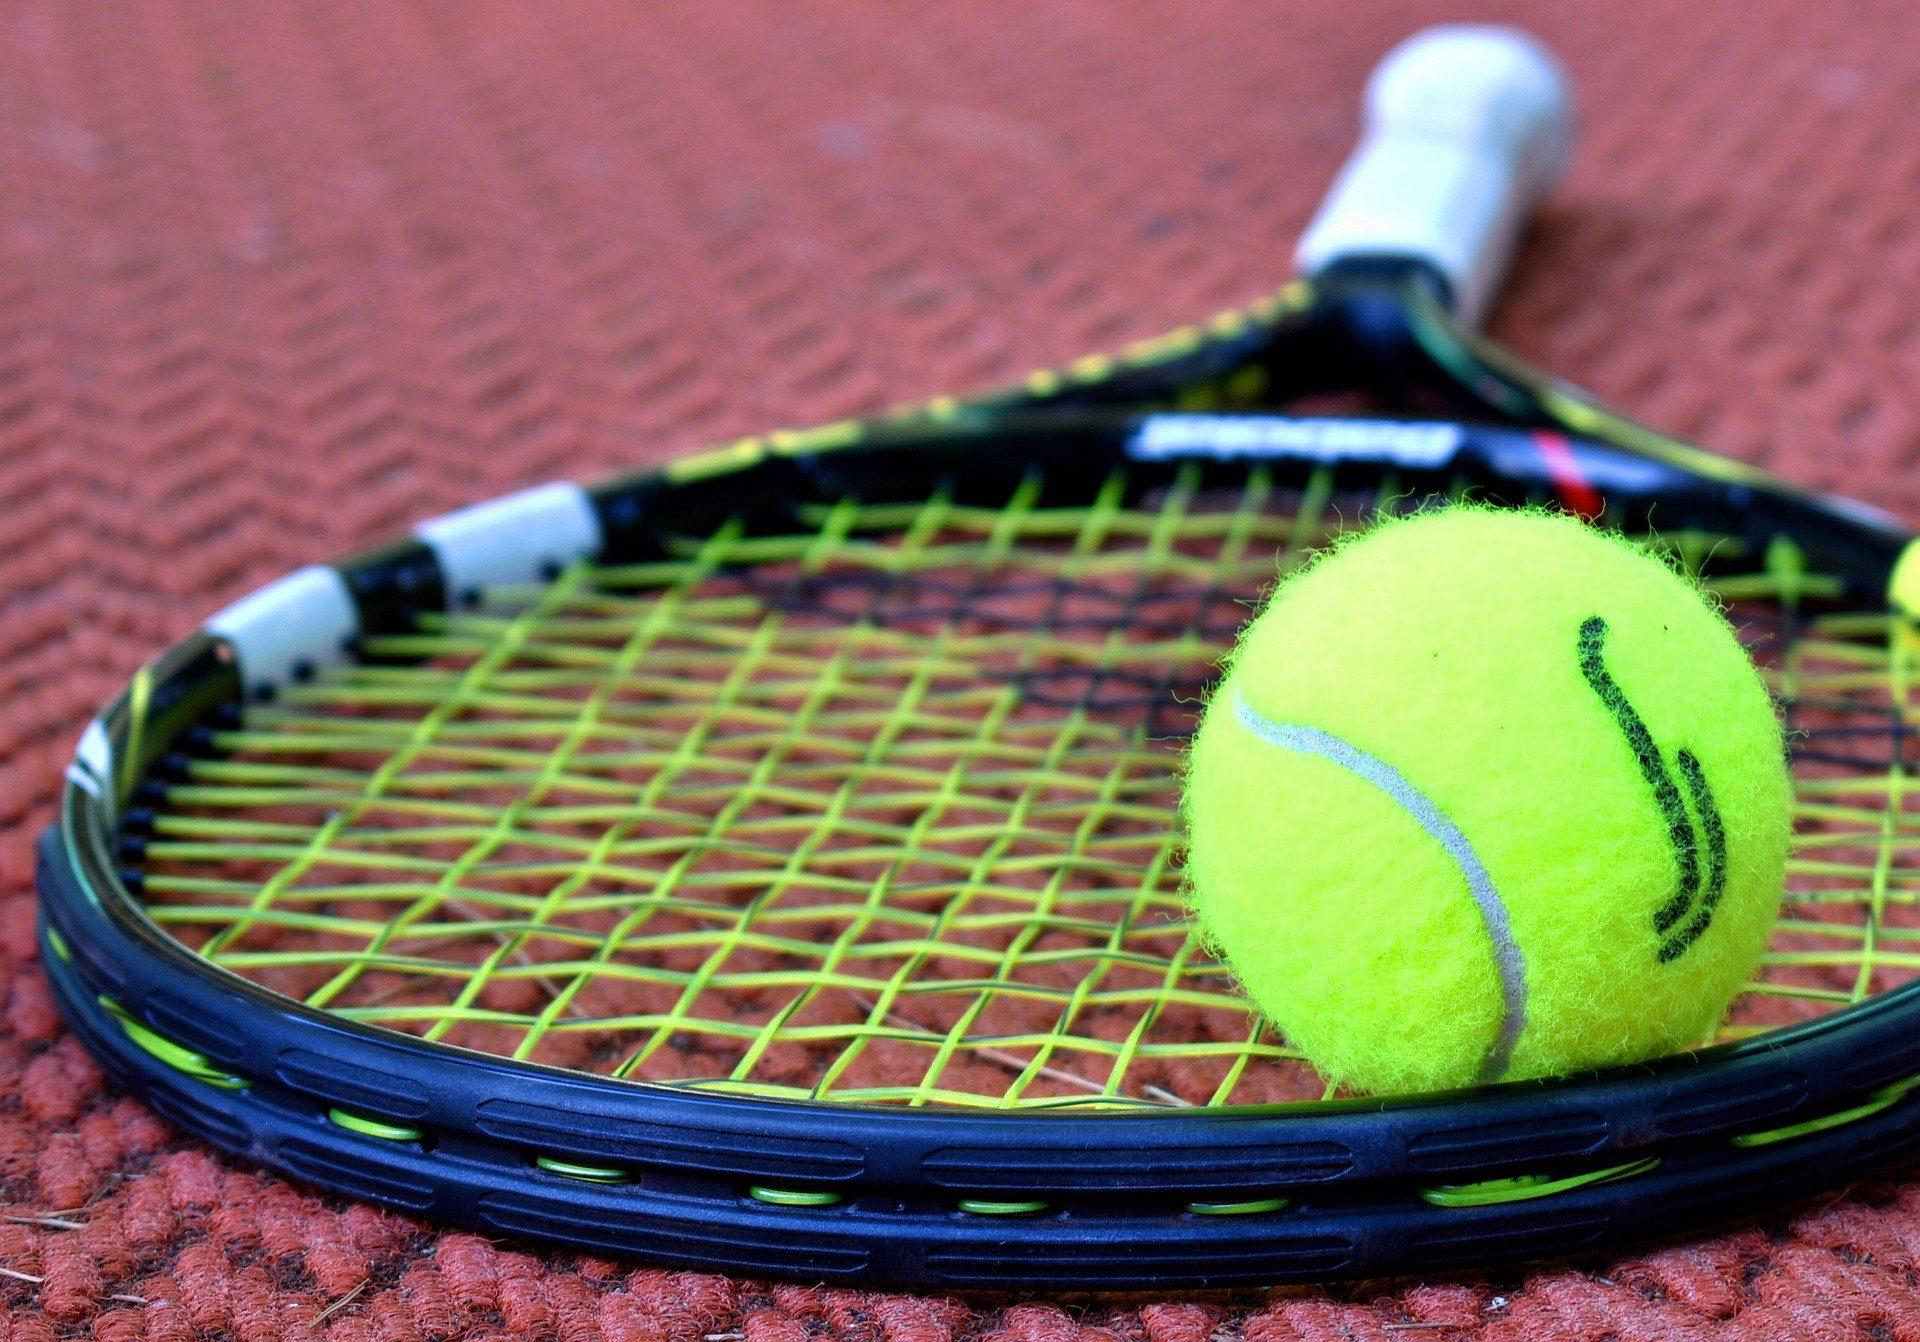 tennis-quel-grip-choisir-quand-changer